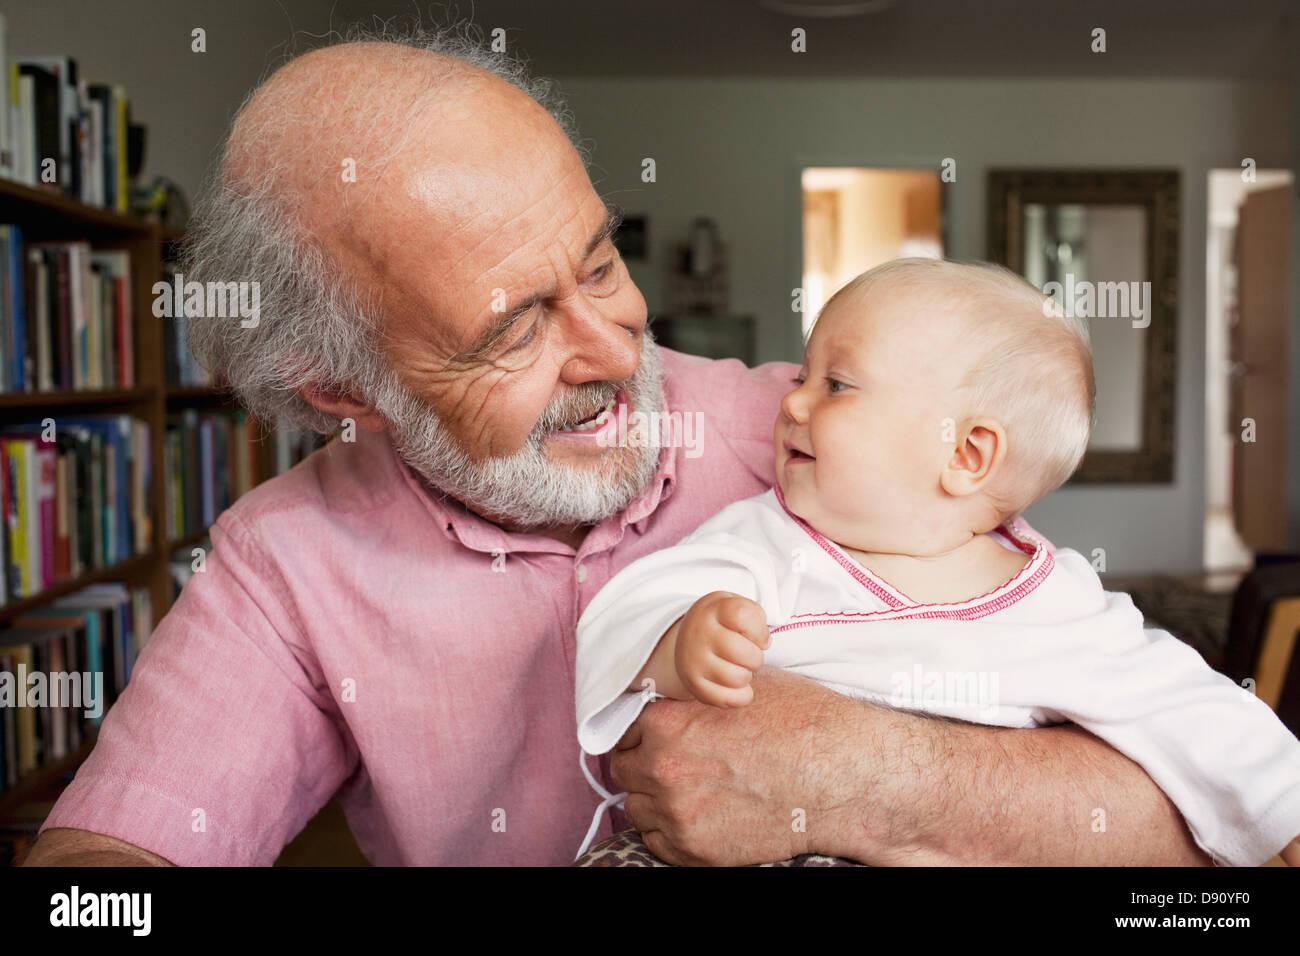 Hombre Senior y Bebé sonriendo en casa Imagen De Stock